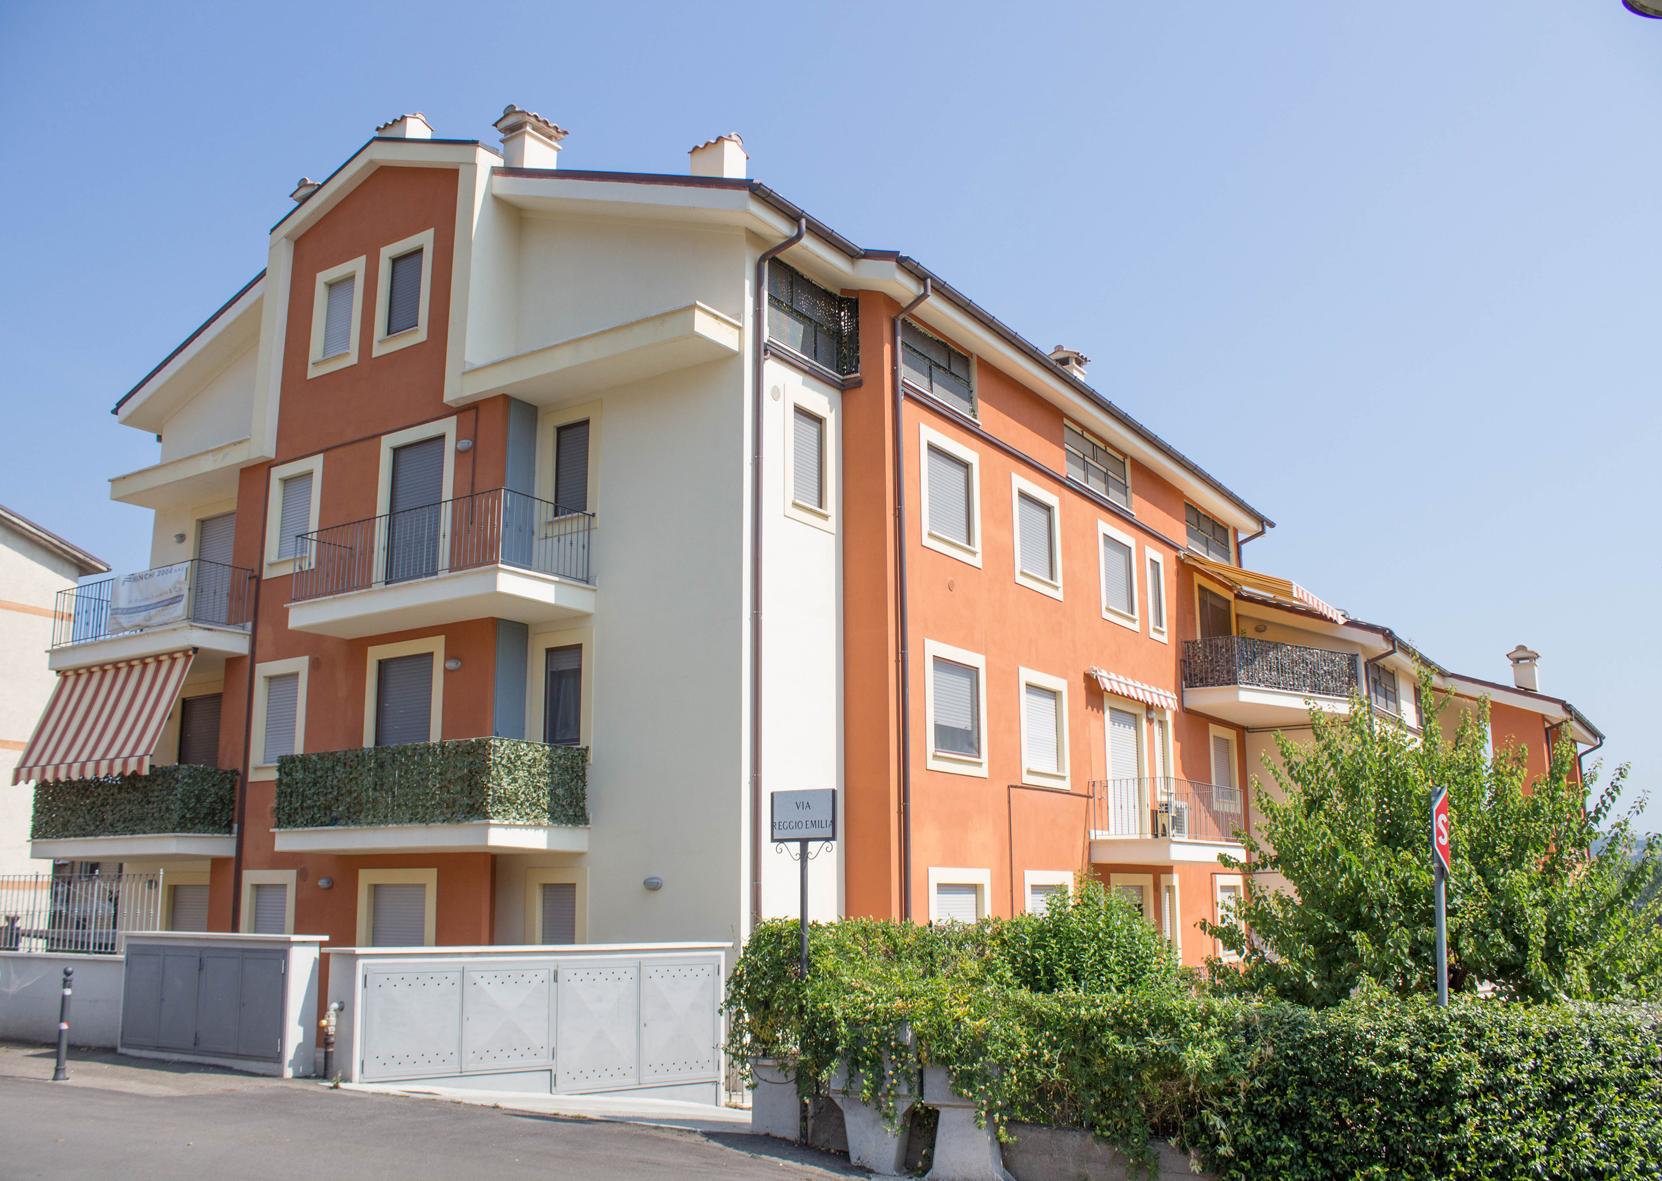 Appartamento in vendita a Orte, 3 locali, zona Località: OrteScalo, prezzo € 149.000 | Cambio Casa.it